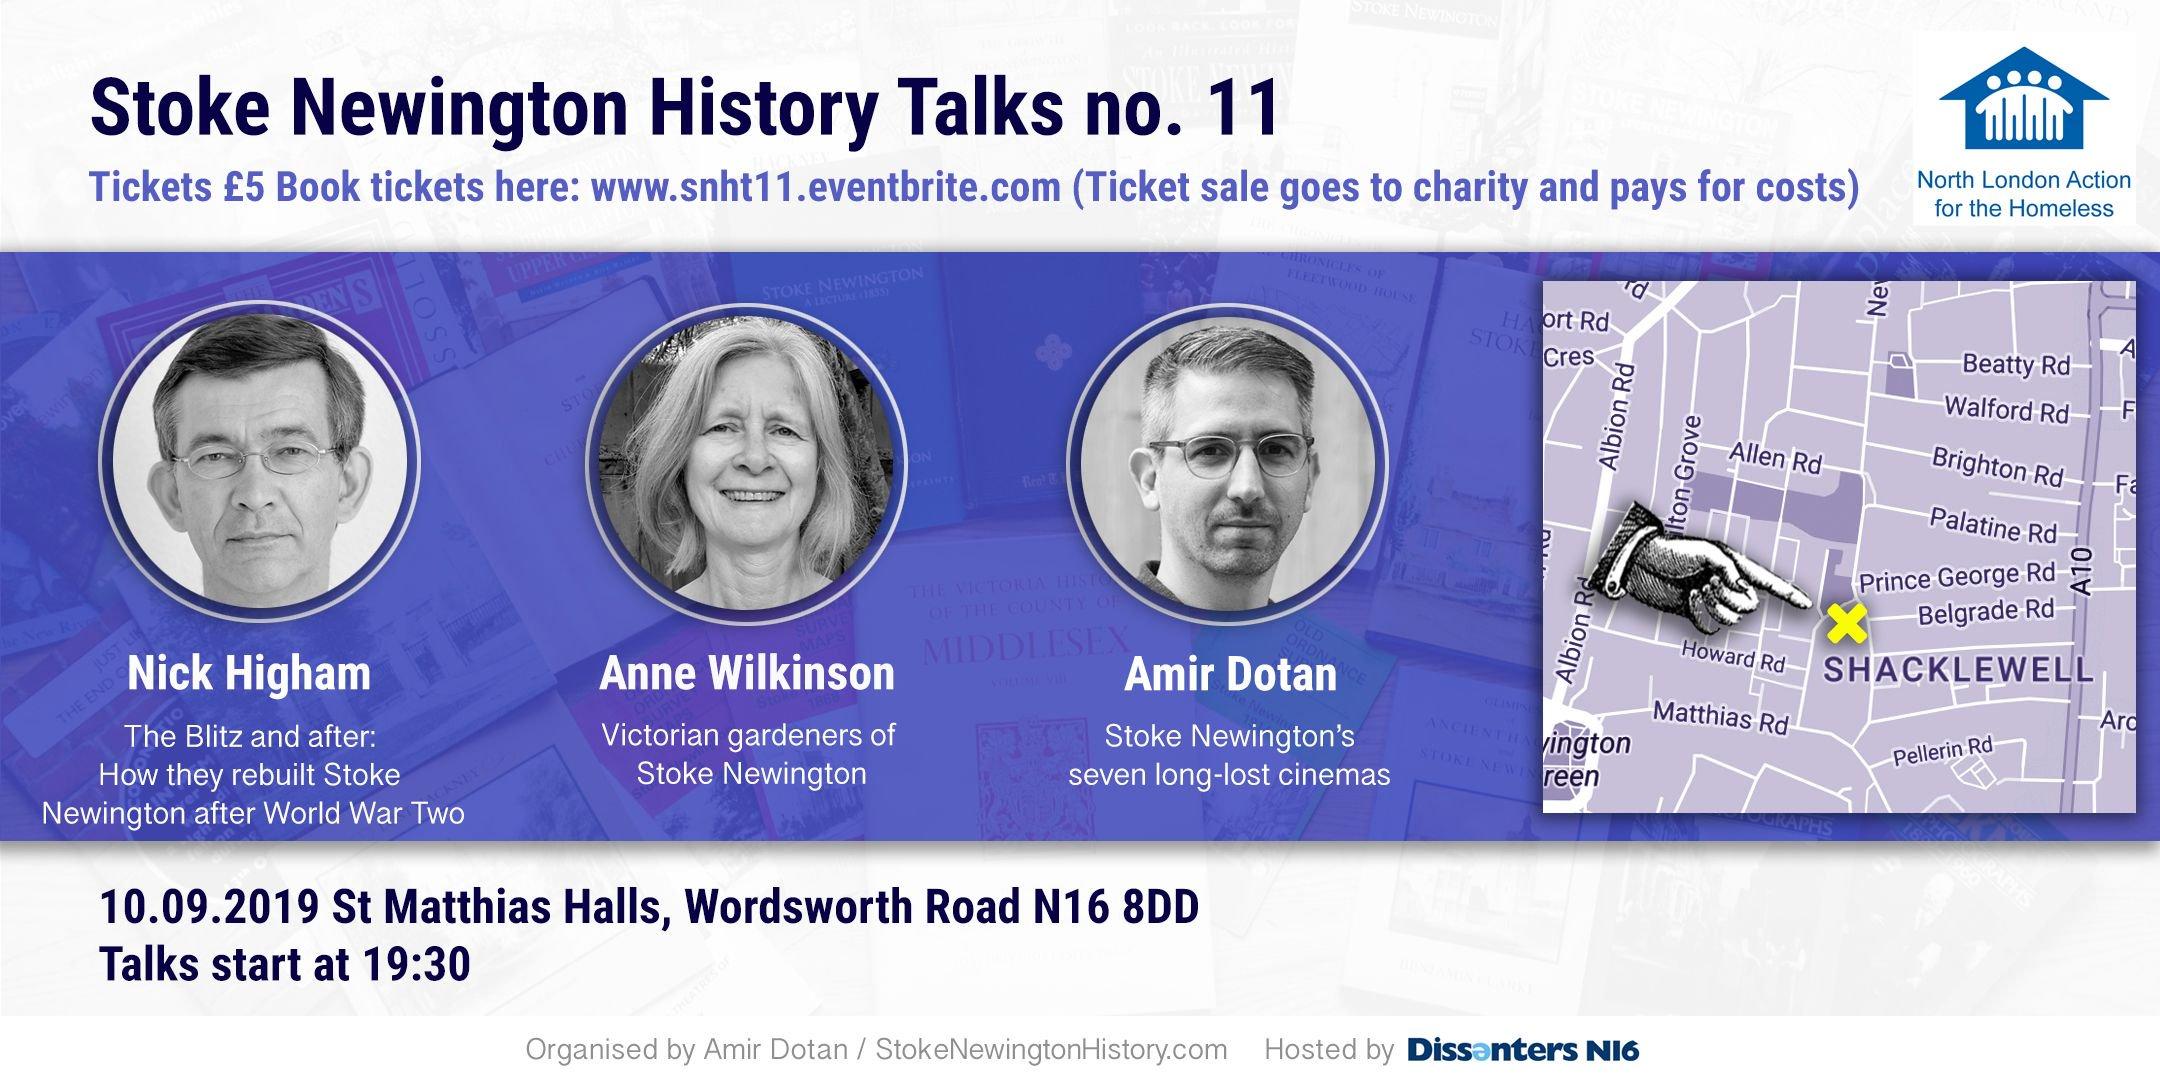 11th Stokey History Talks